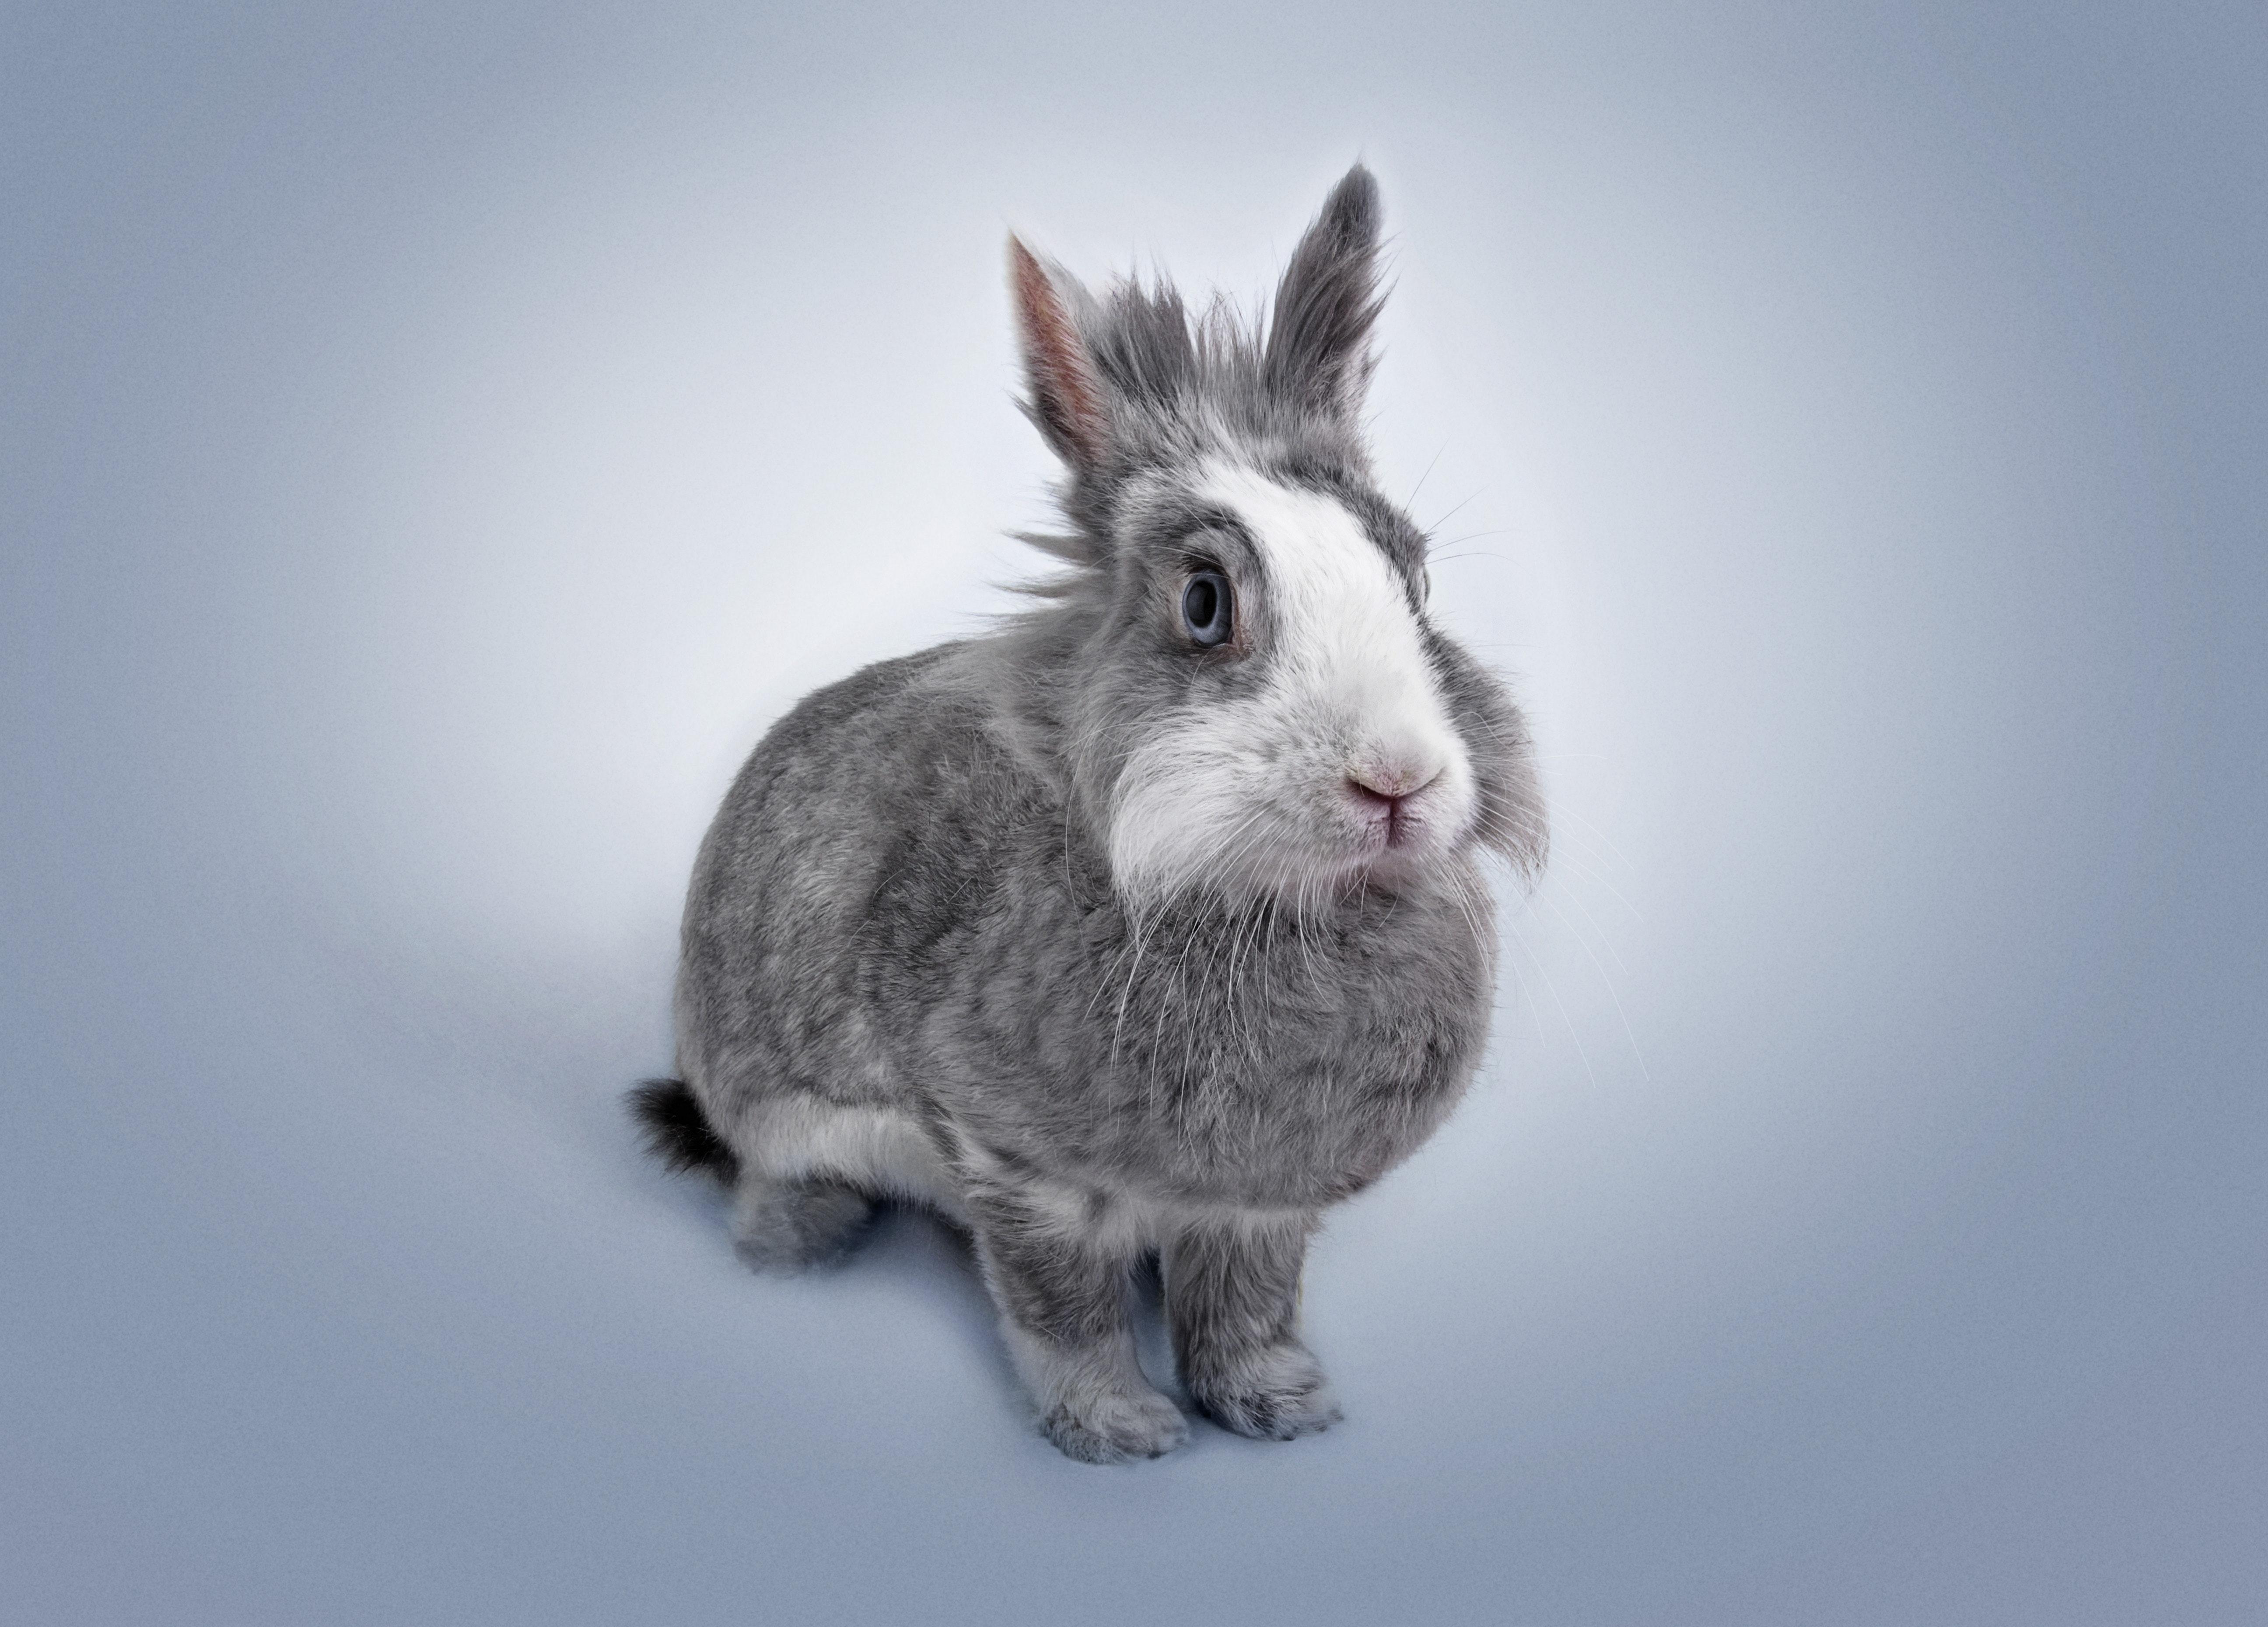 un lapin nain se fait prendre en photo